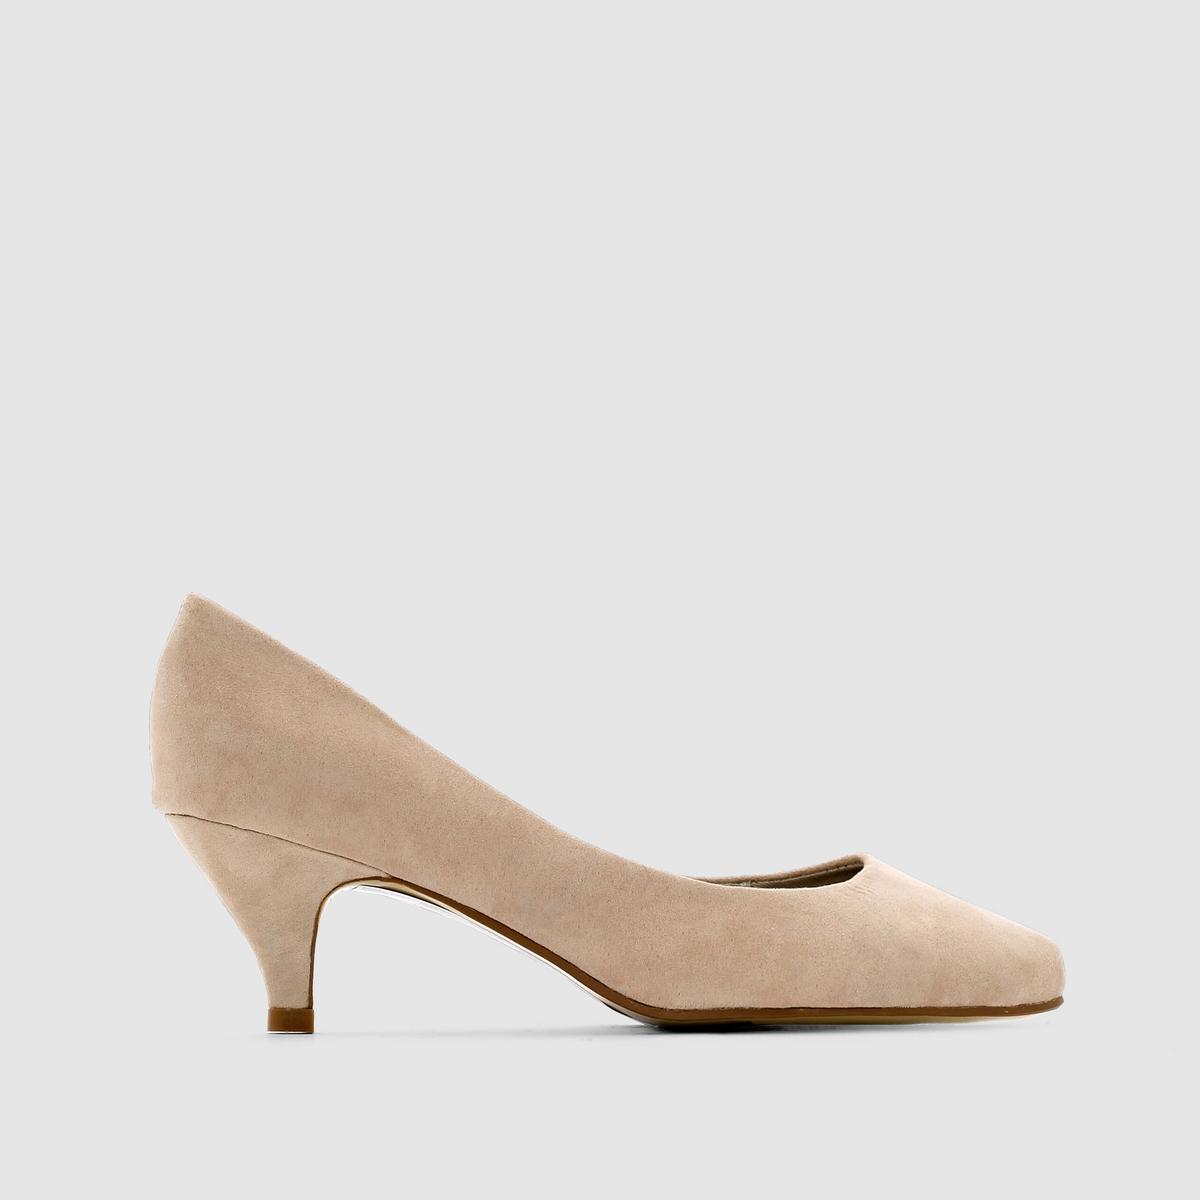 Туфли на среднем каблуке на широкую ногу, размеры 38-45